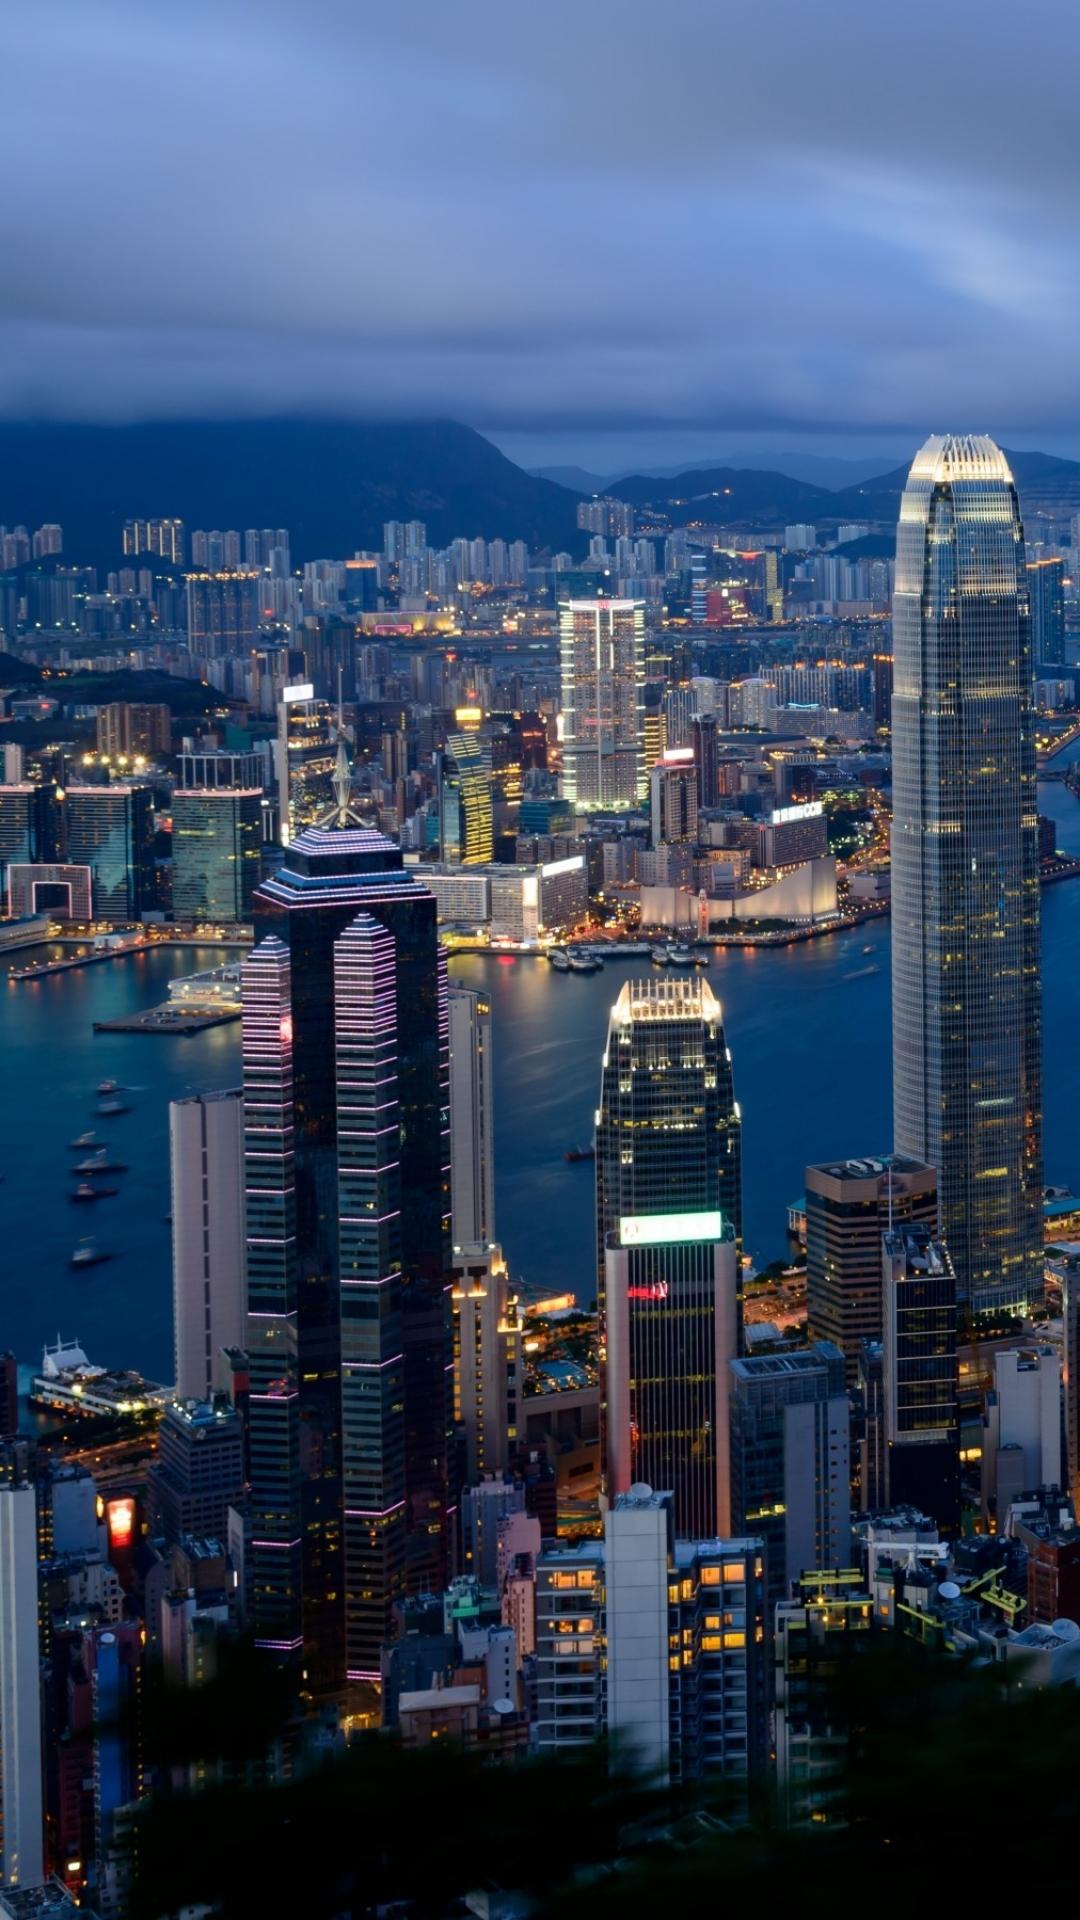 iPhone - tapeta, Hongkong